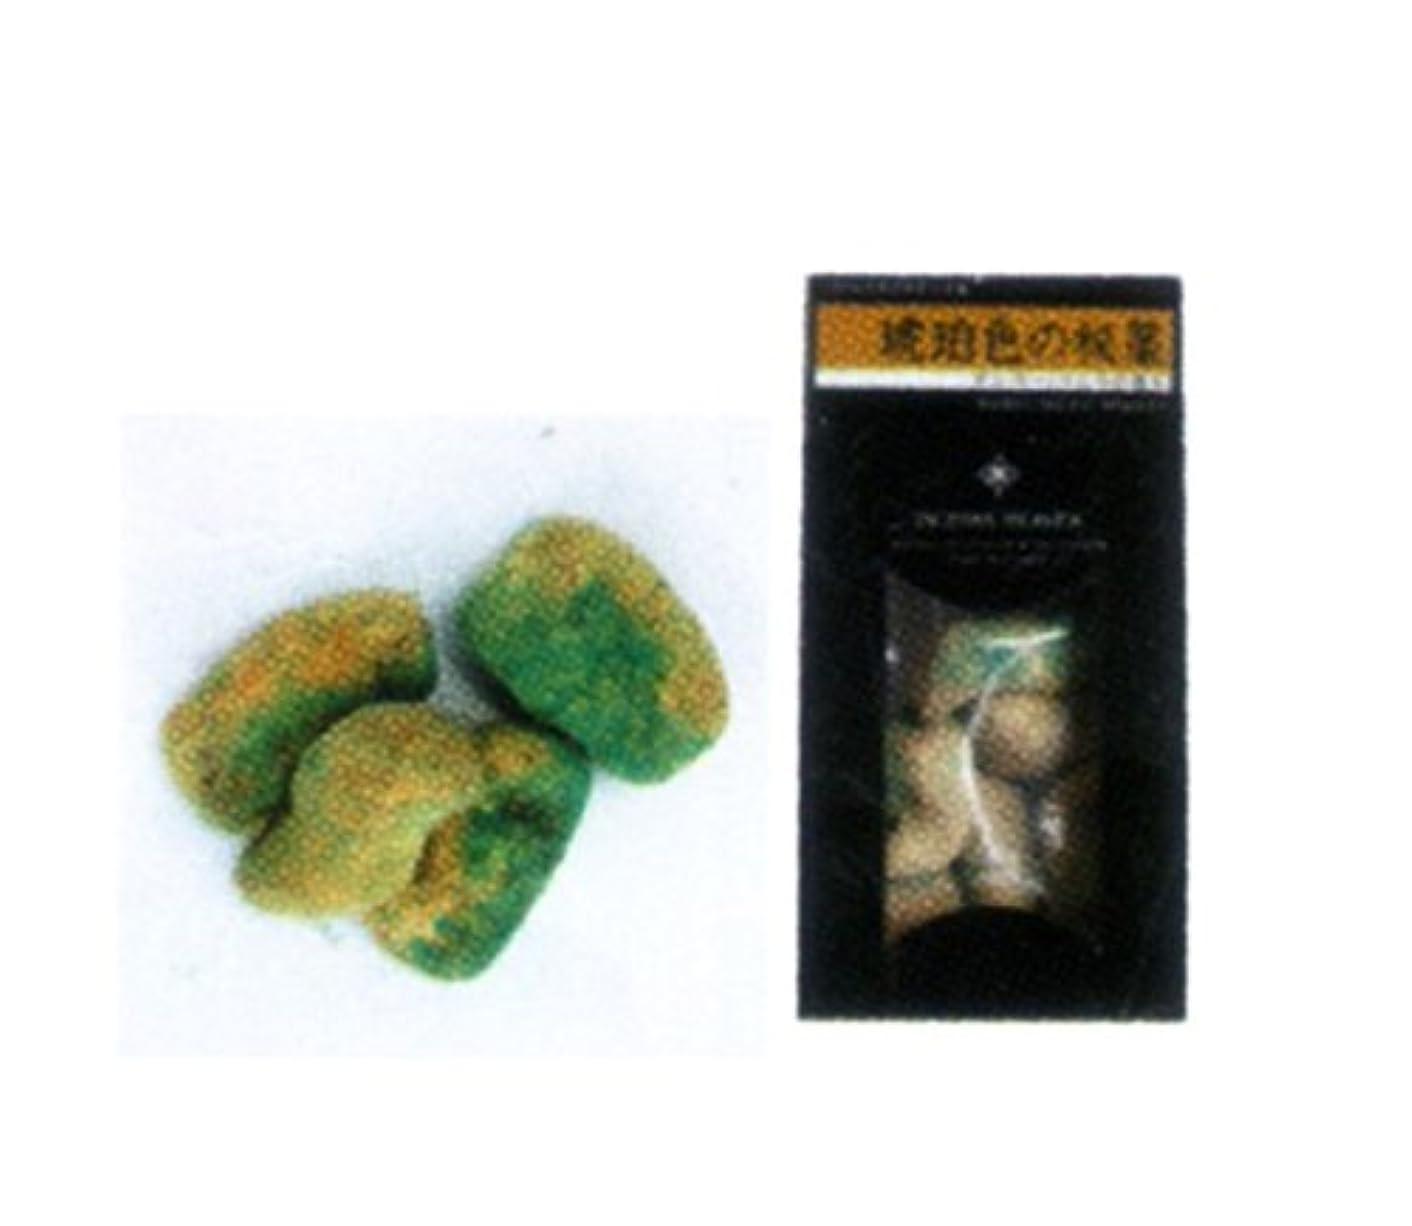 ボイド感性ここにインセンスヘブン(100%天然手作りのお香) 琥珀色の秘薬